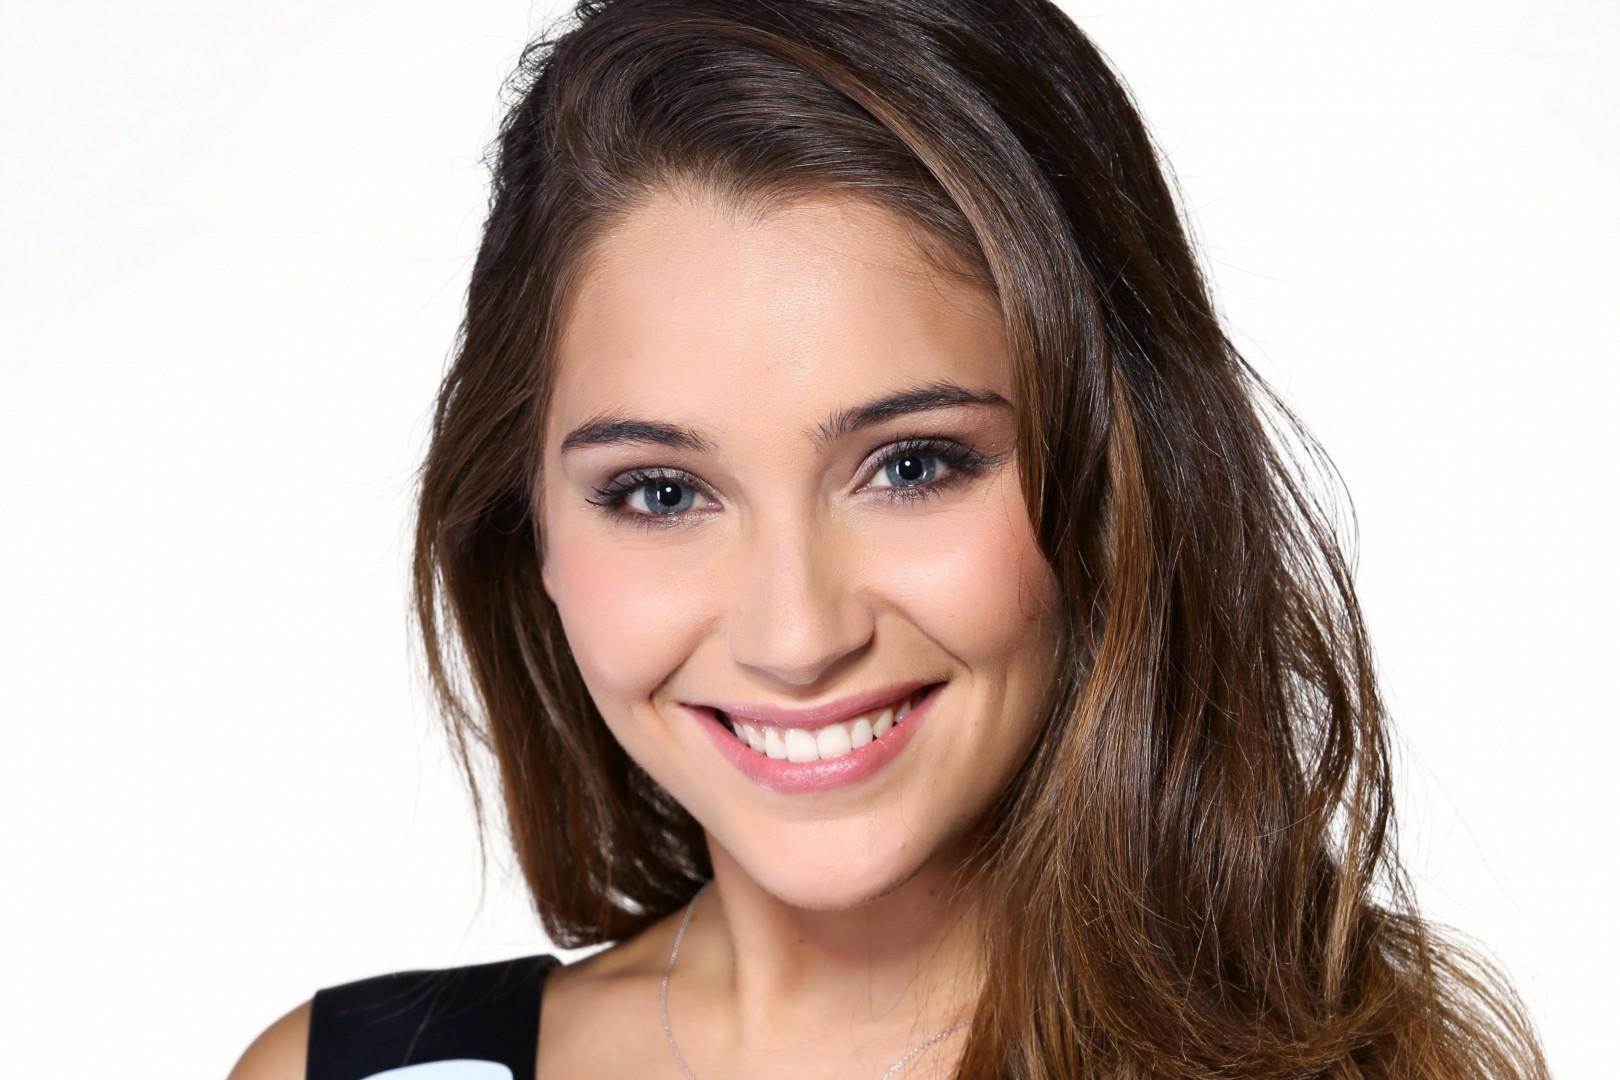 Miss France 2015 : Charlotte Pirroni représente la Côte d'Azur